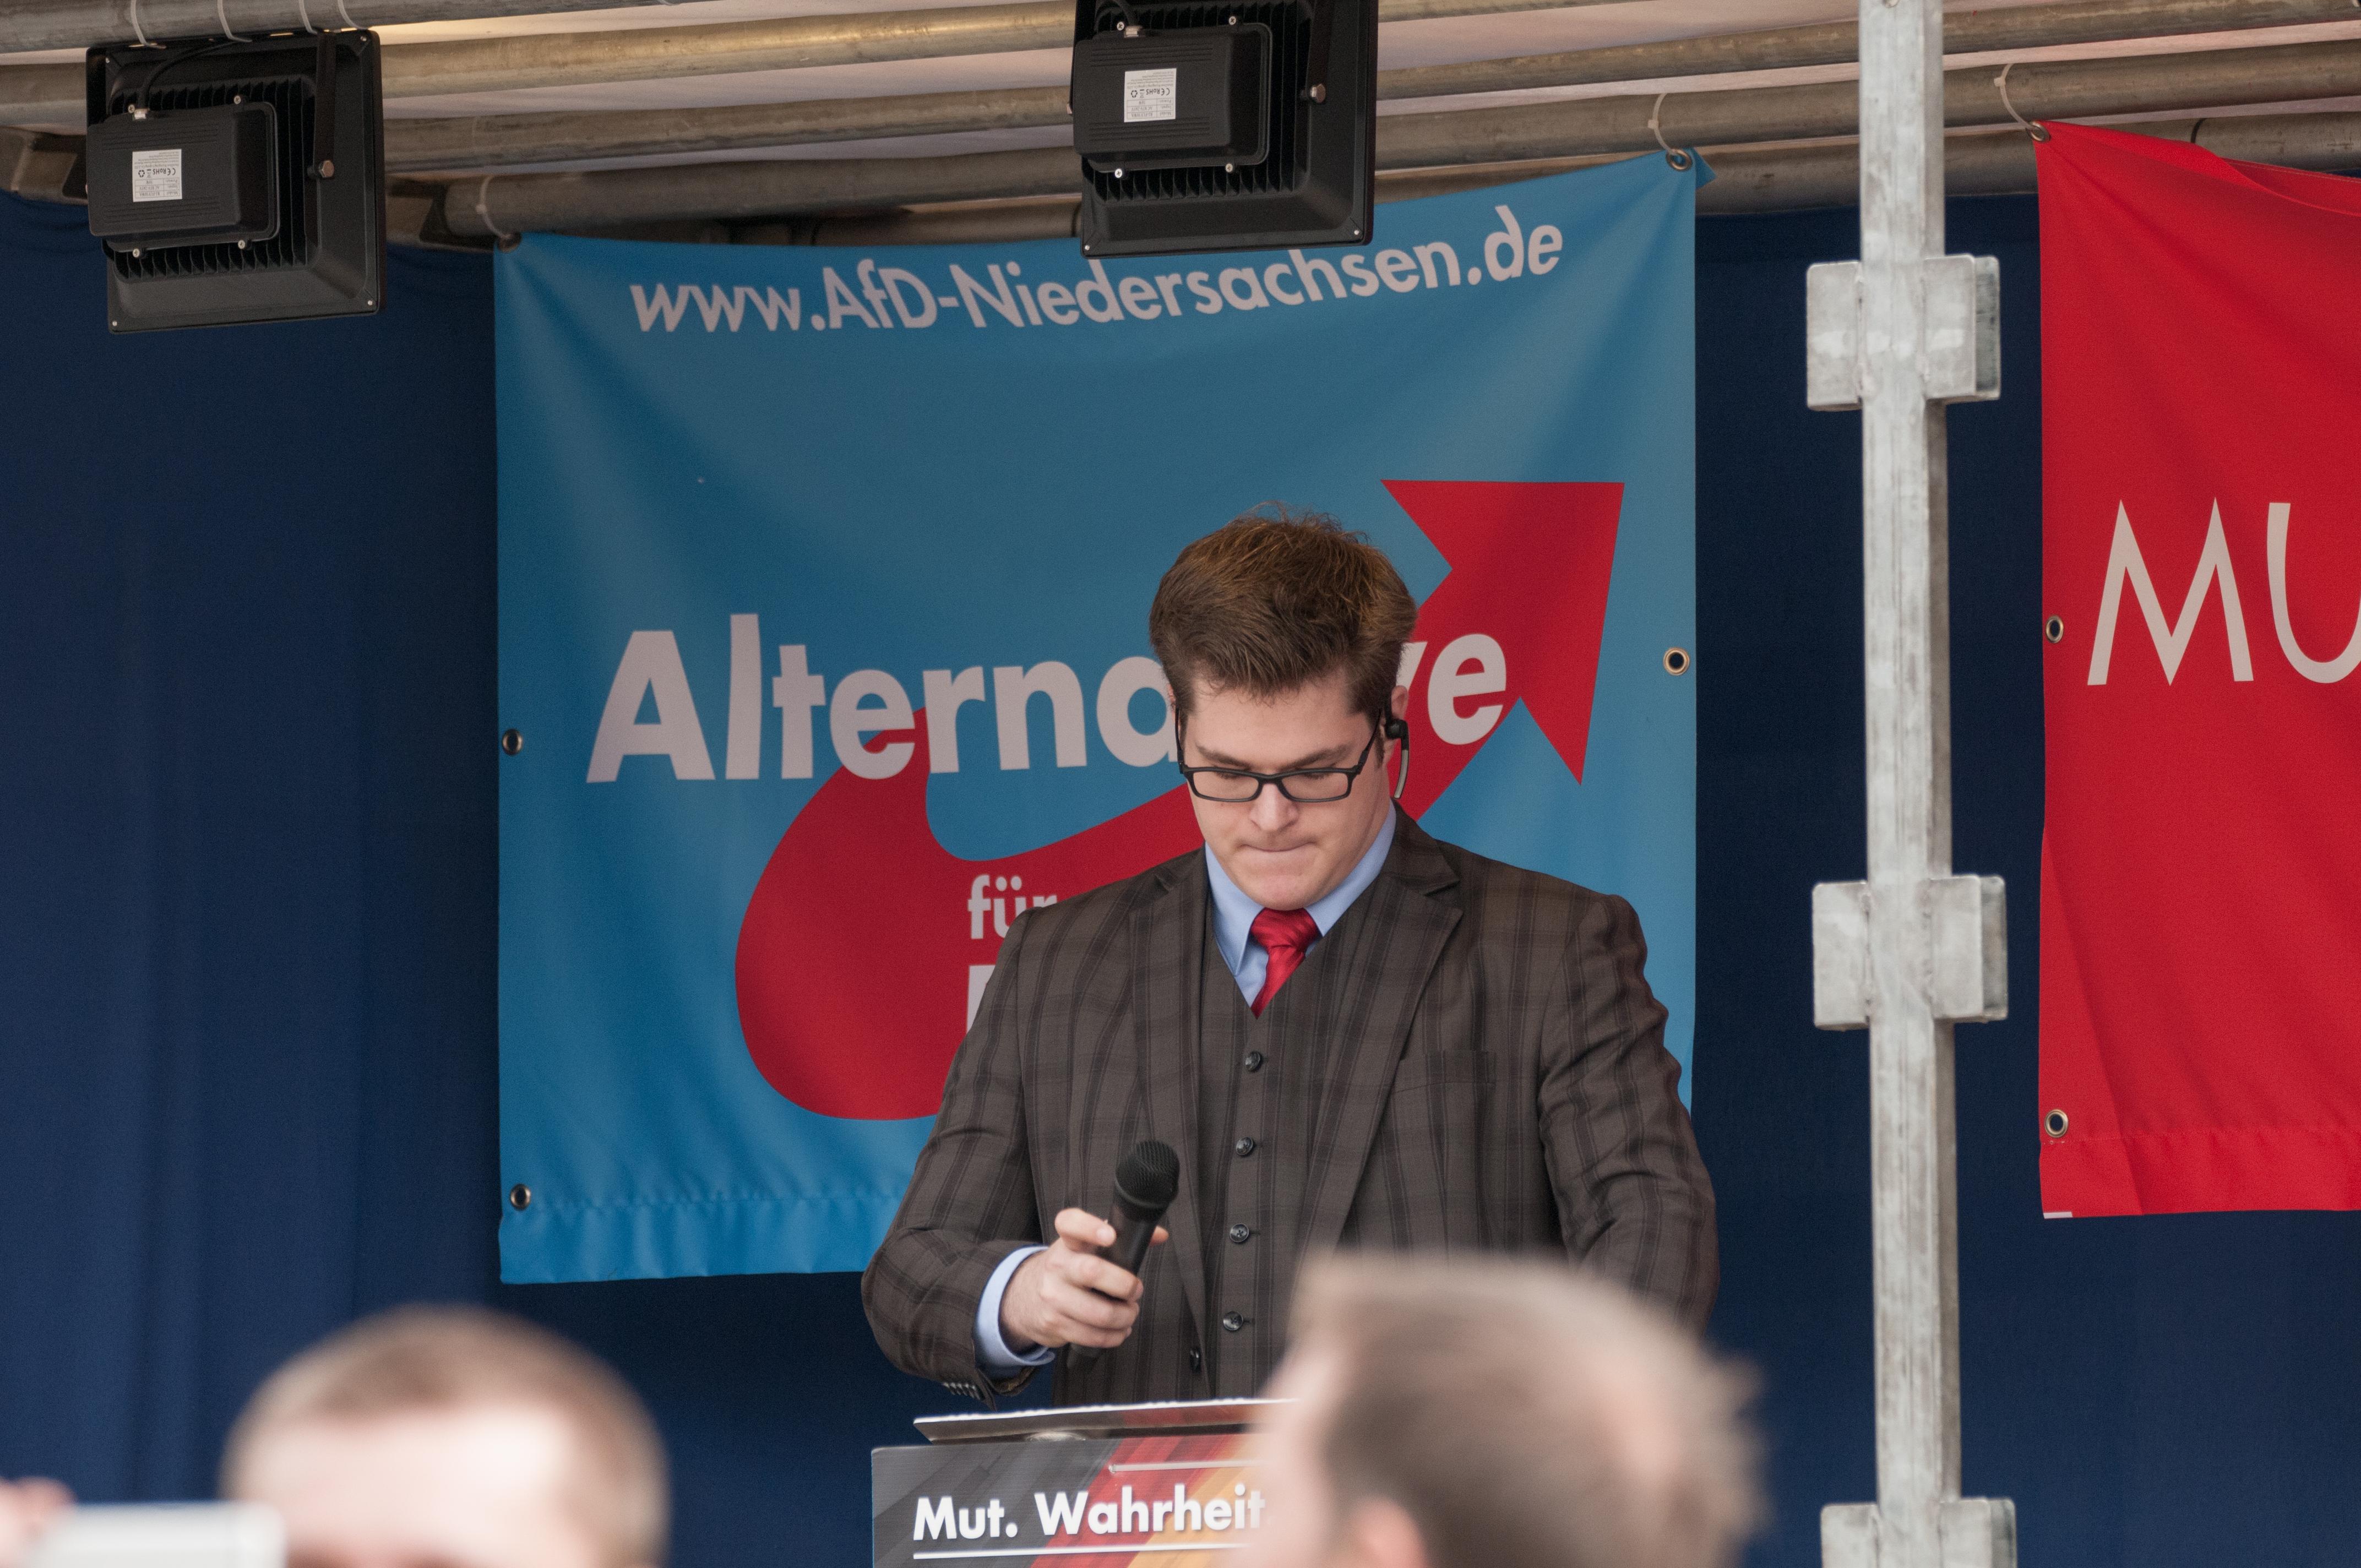 Heiner Rehnen